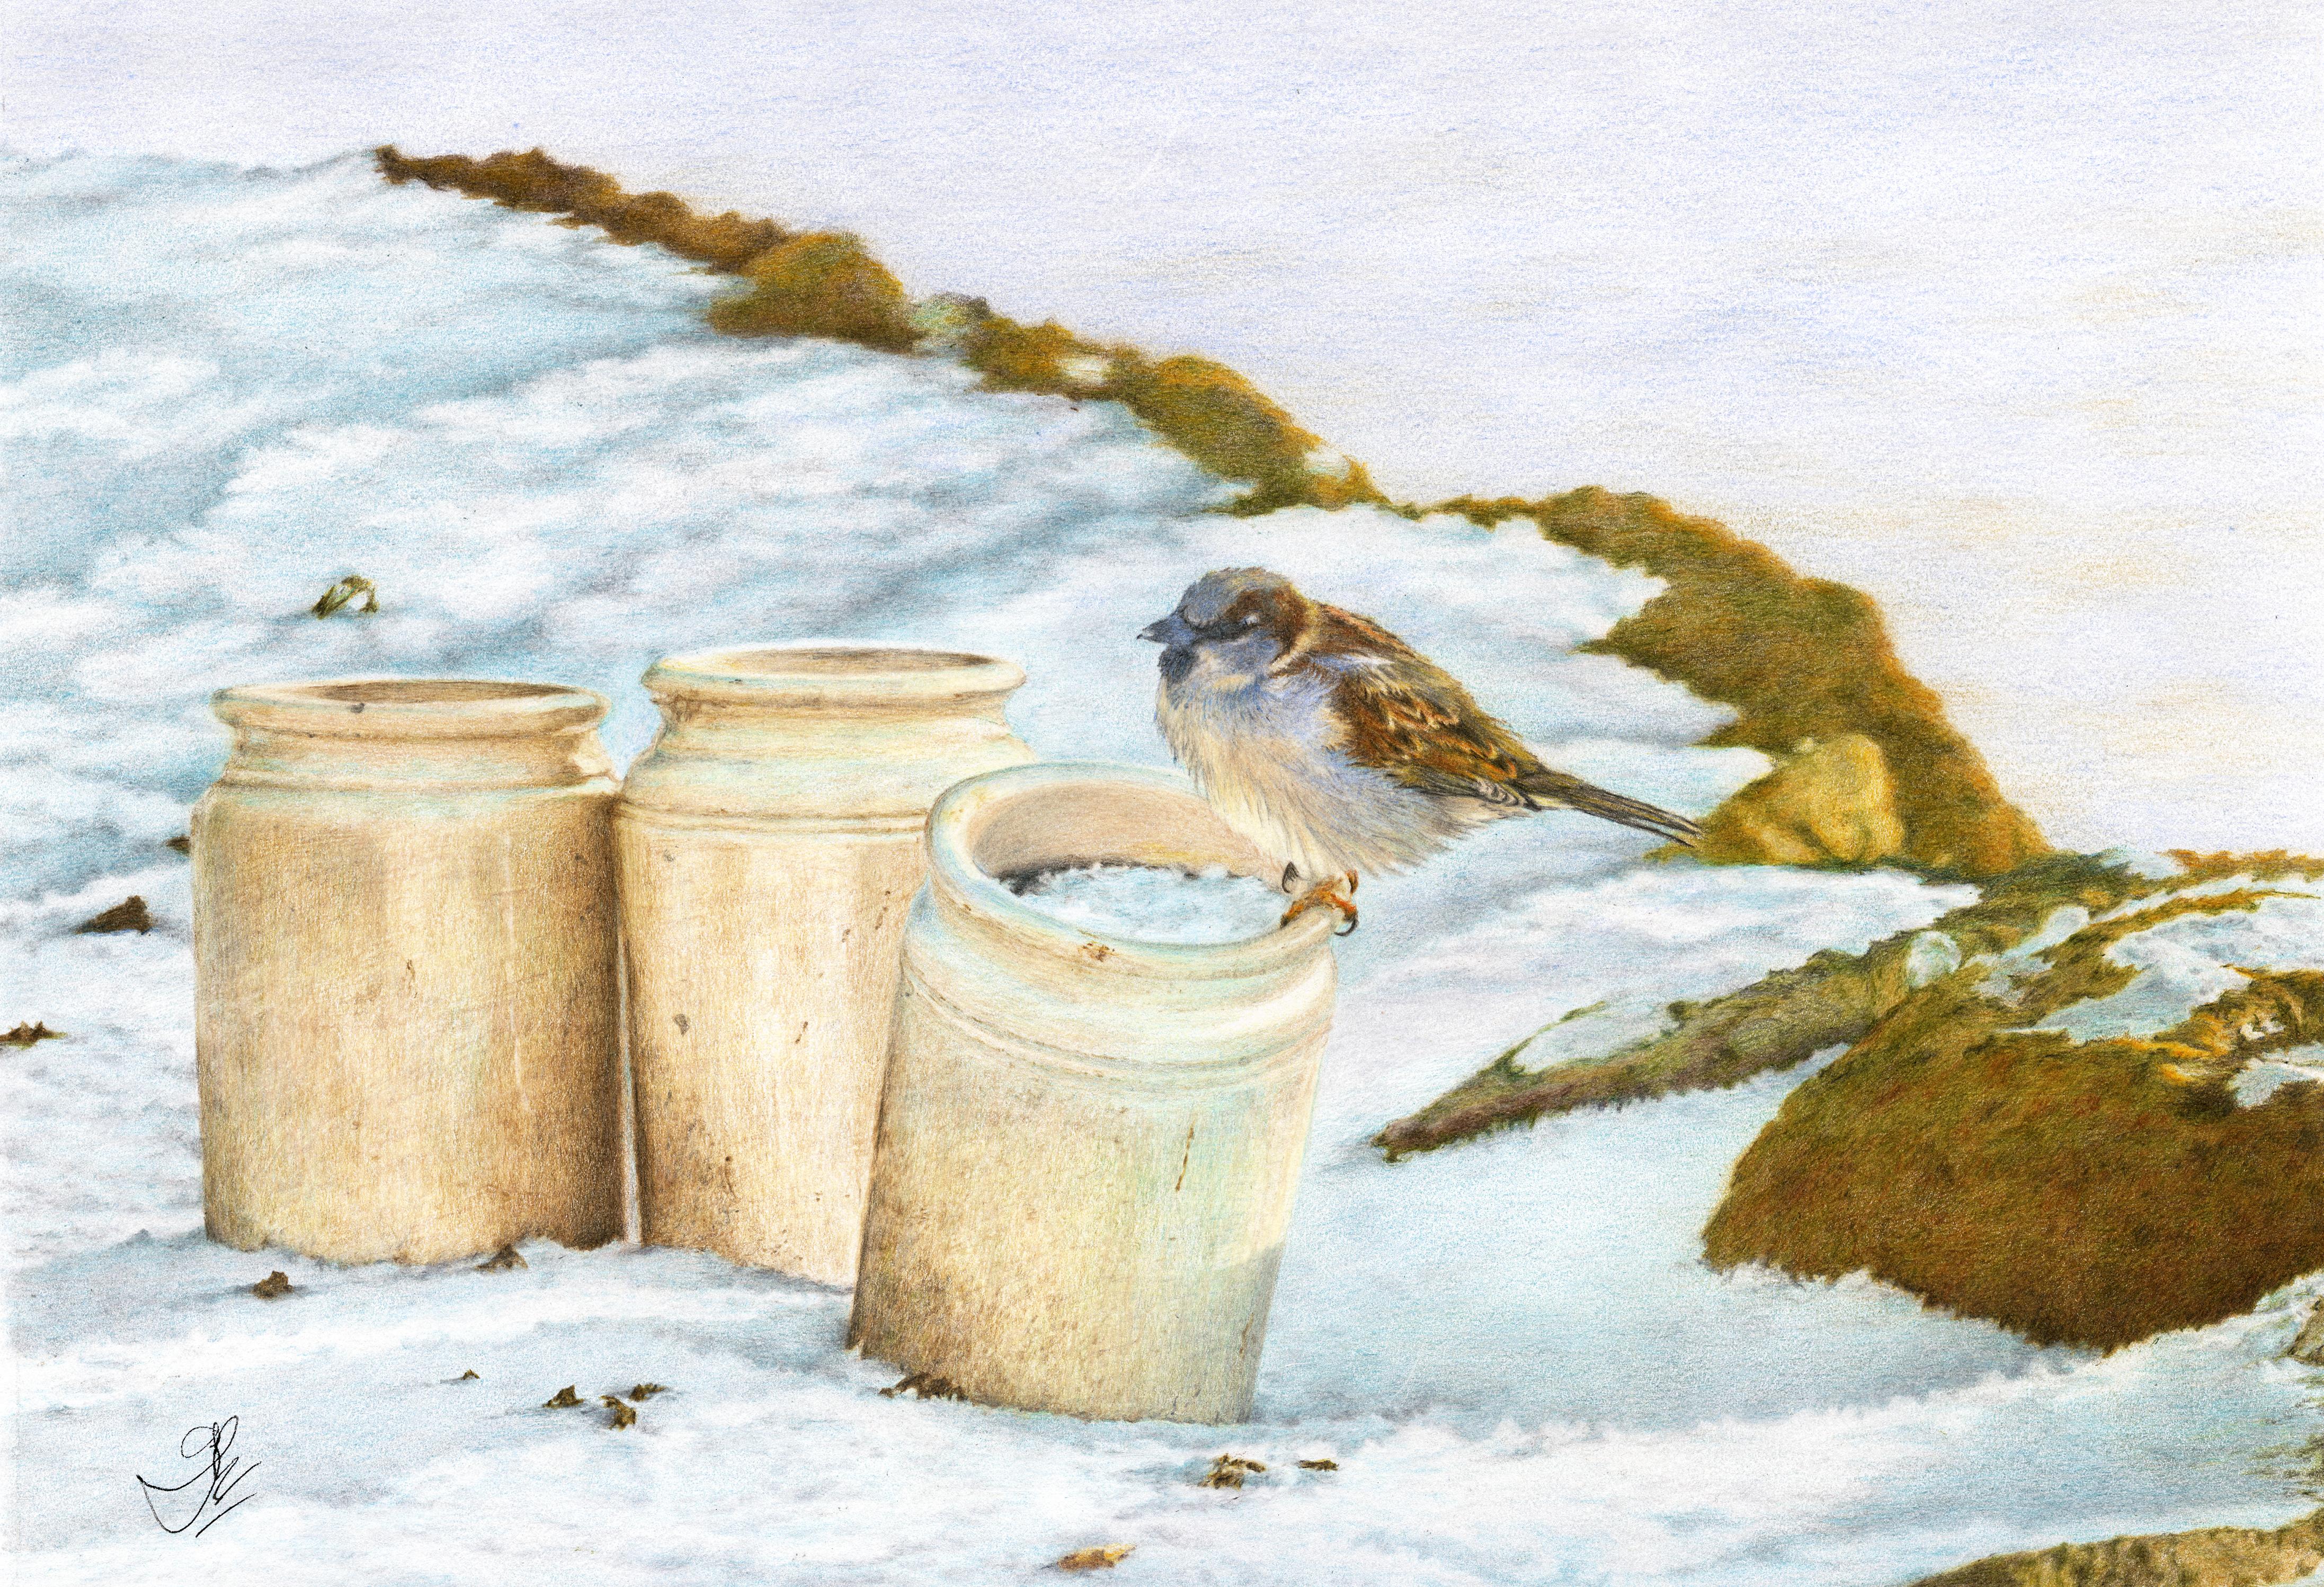 House Sparrow: